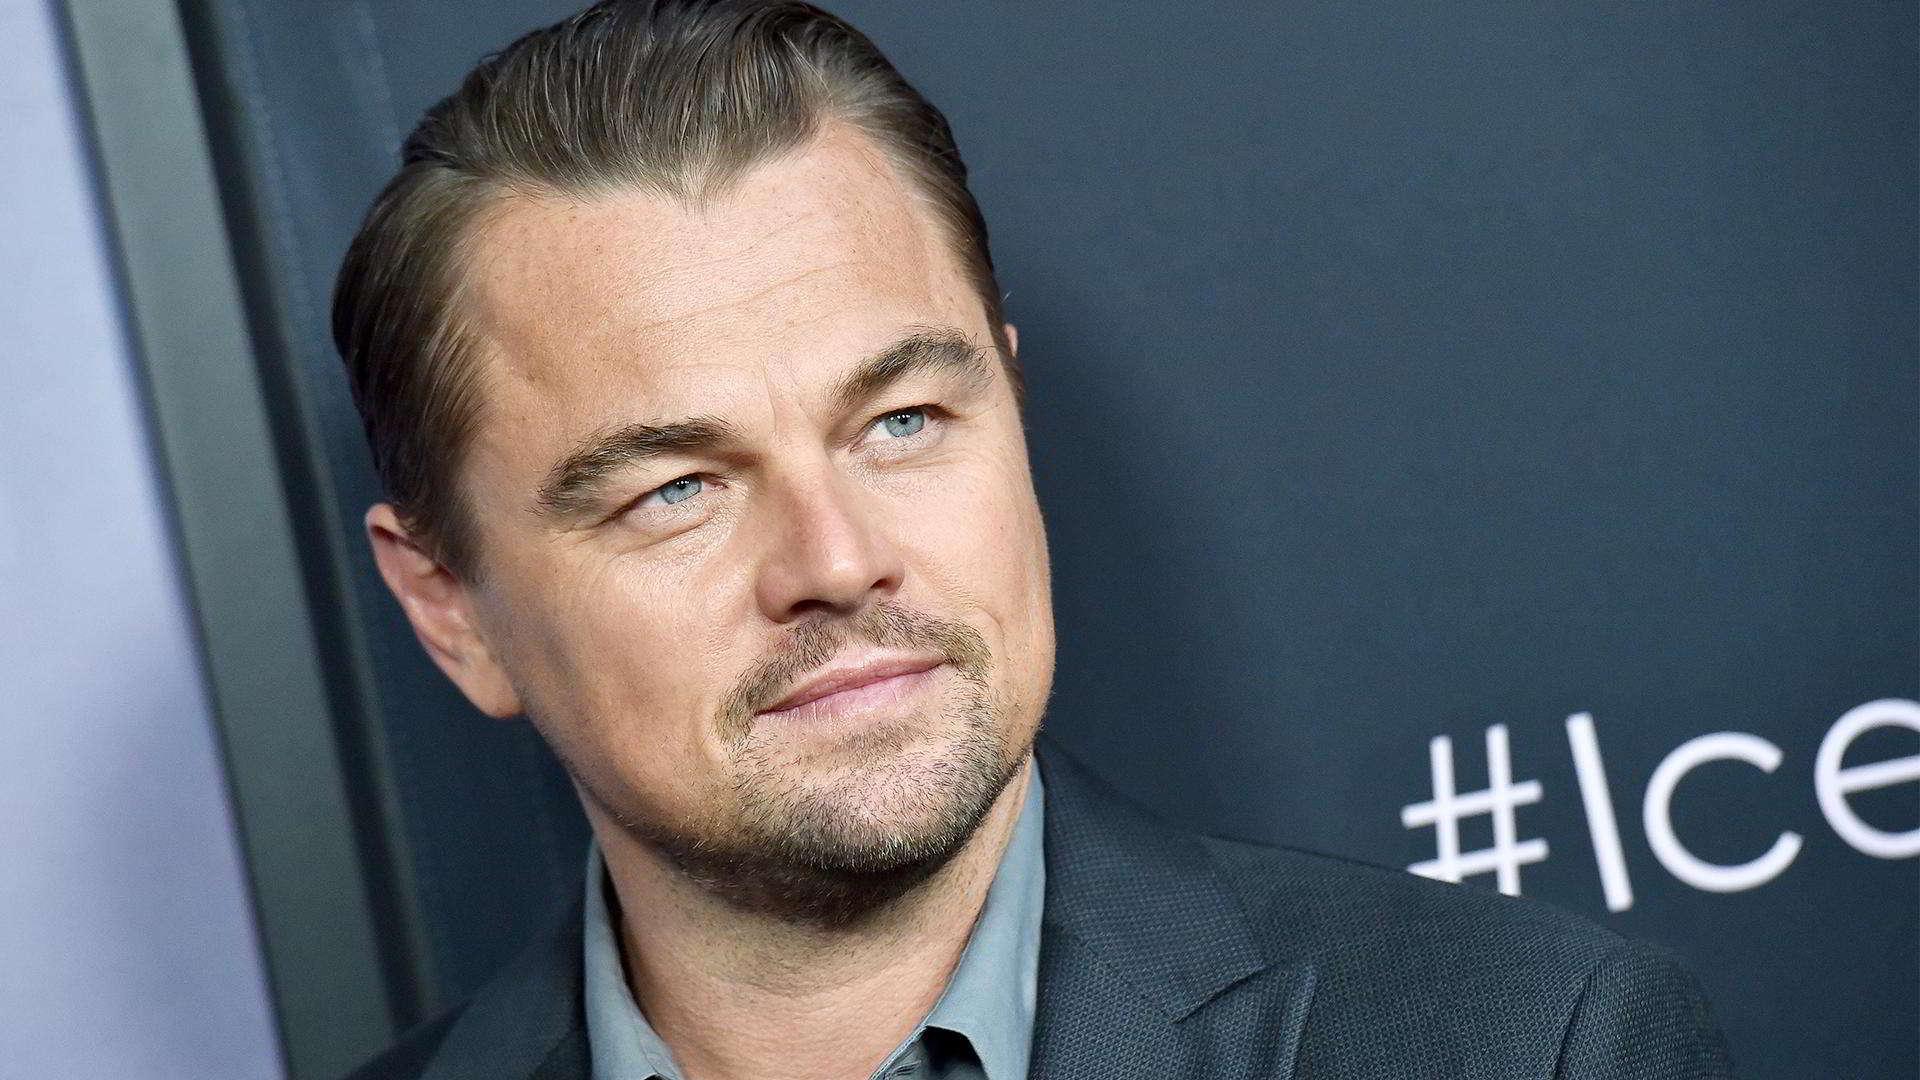 Leonardo DiCaprio non vuole lavorare con registe donne